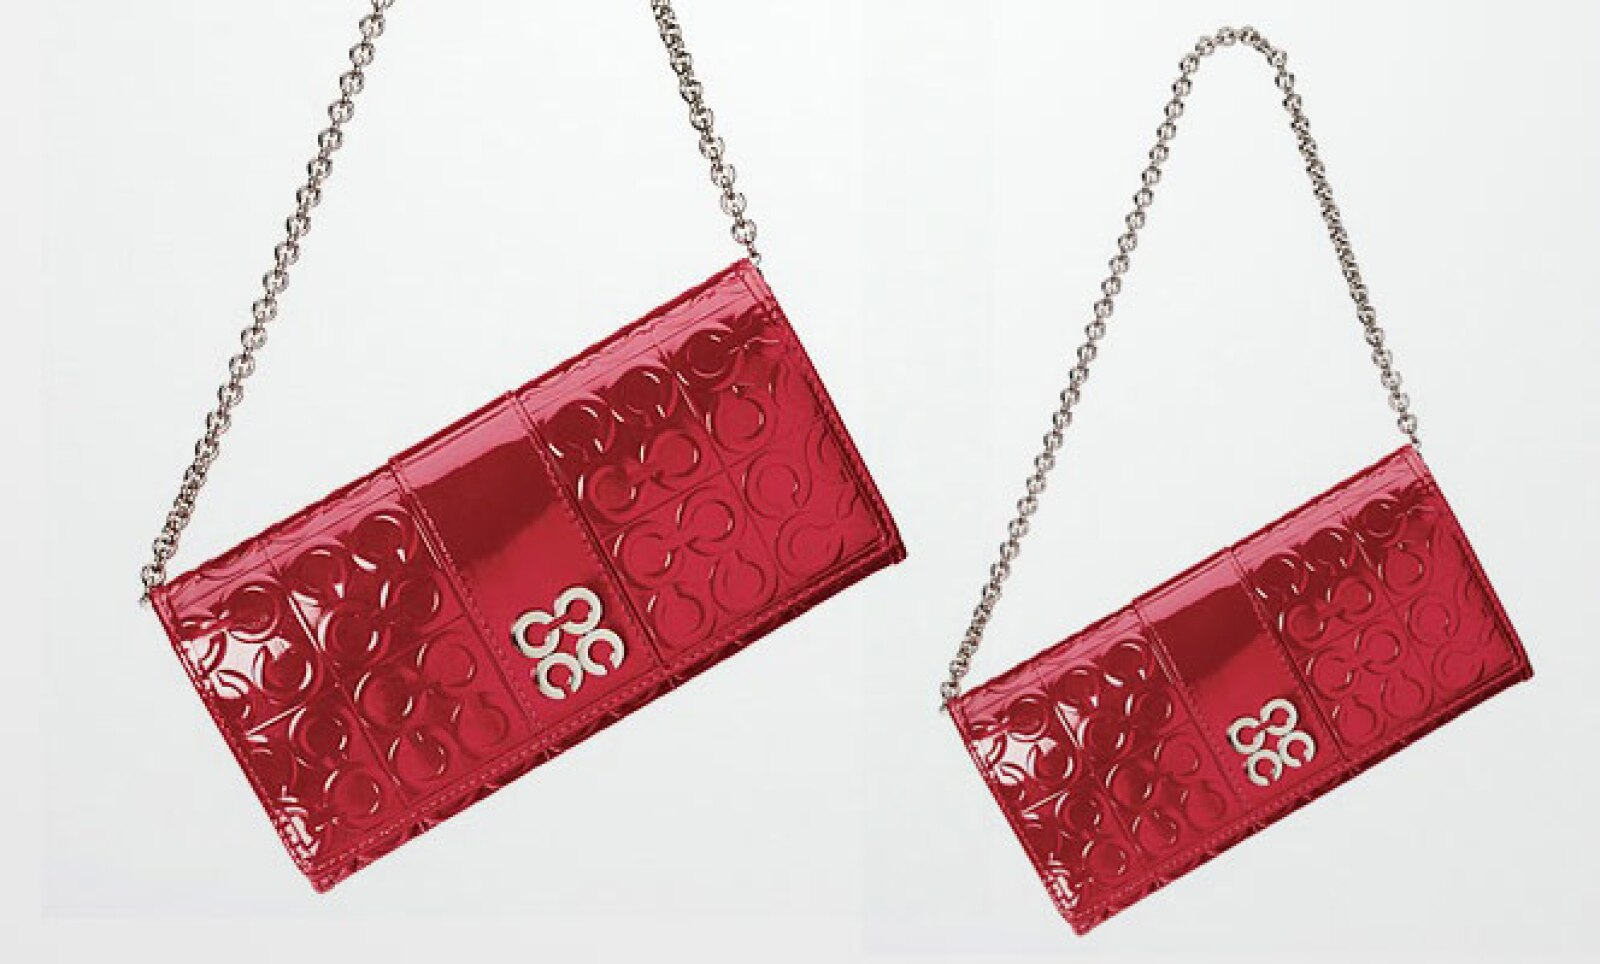 La firma estadounidense Coach y la argentina Rapsodia lanzaron colecciones para festejar San Valentín. En esta primera imagen, la marca de EU nos presenta un bolso con detalles en piel y tres compartimentos en su interior.